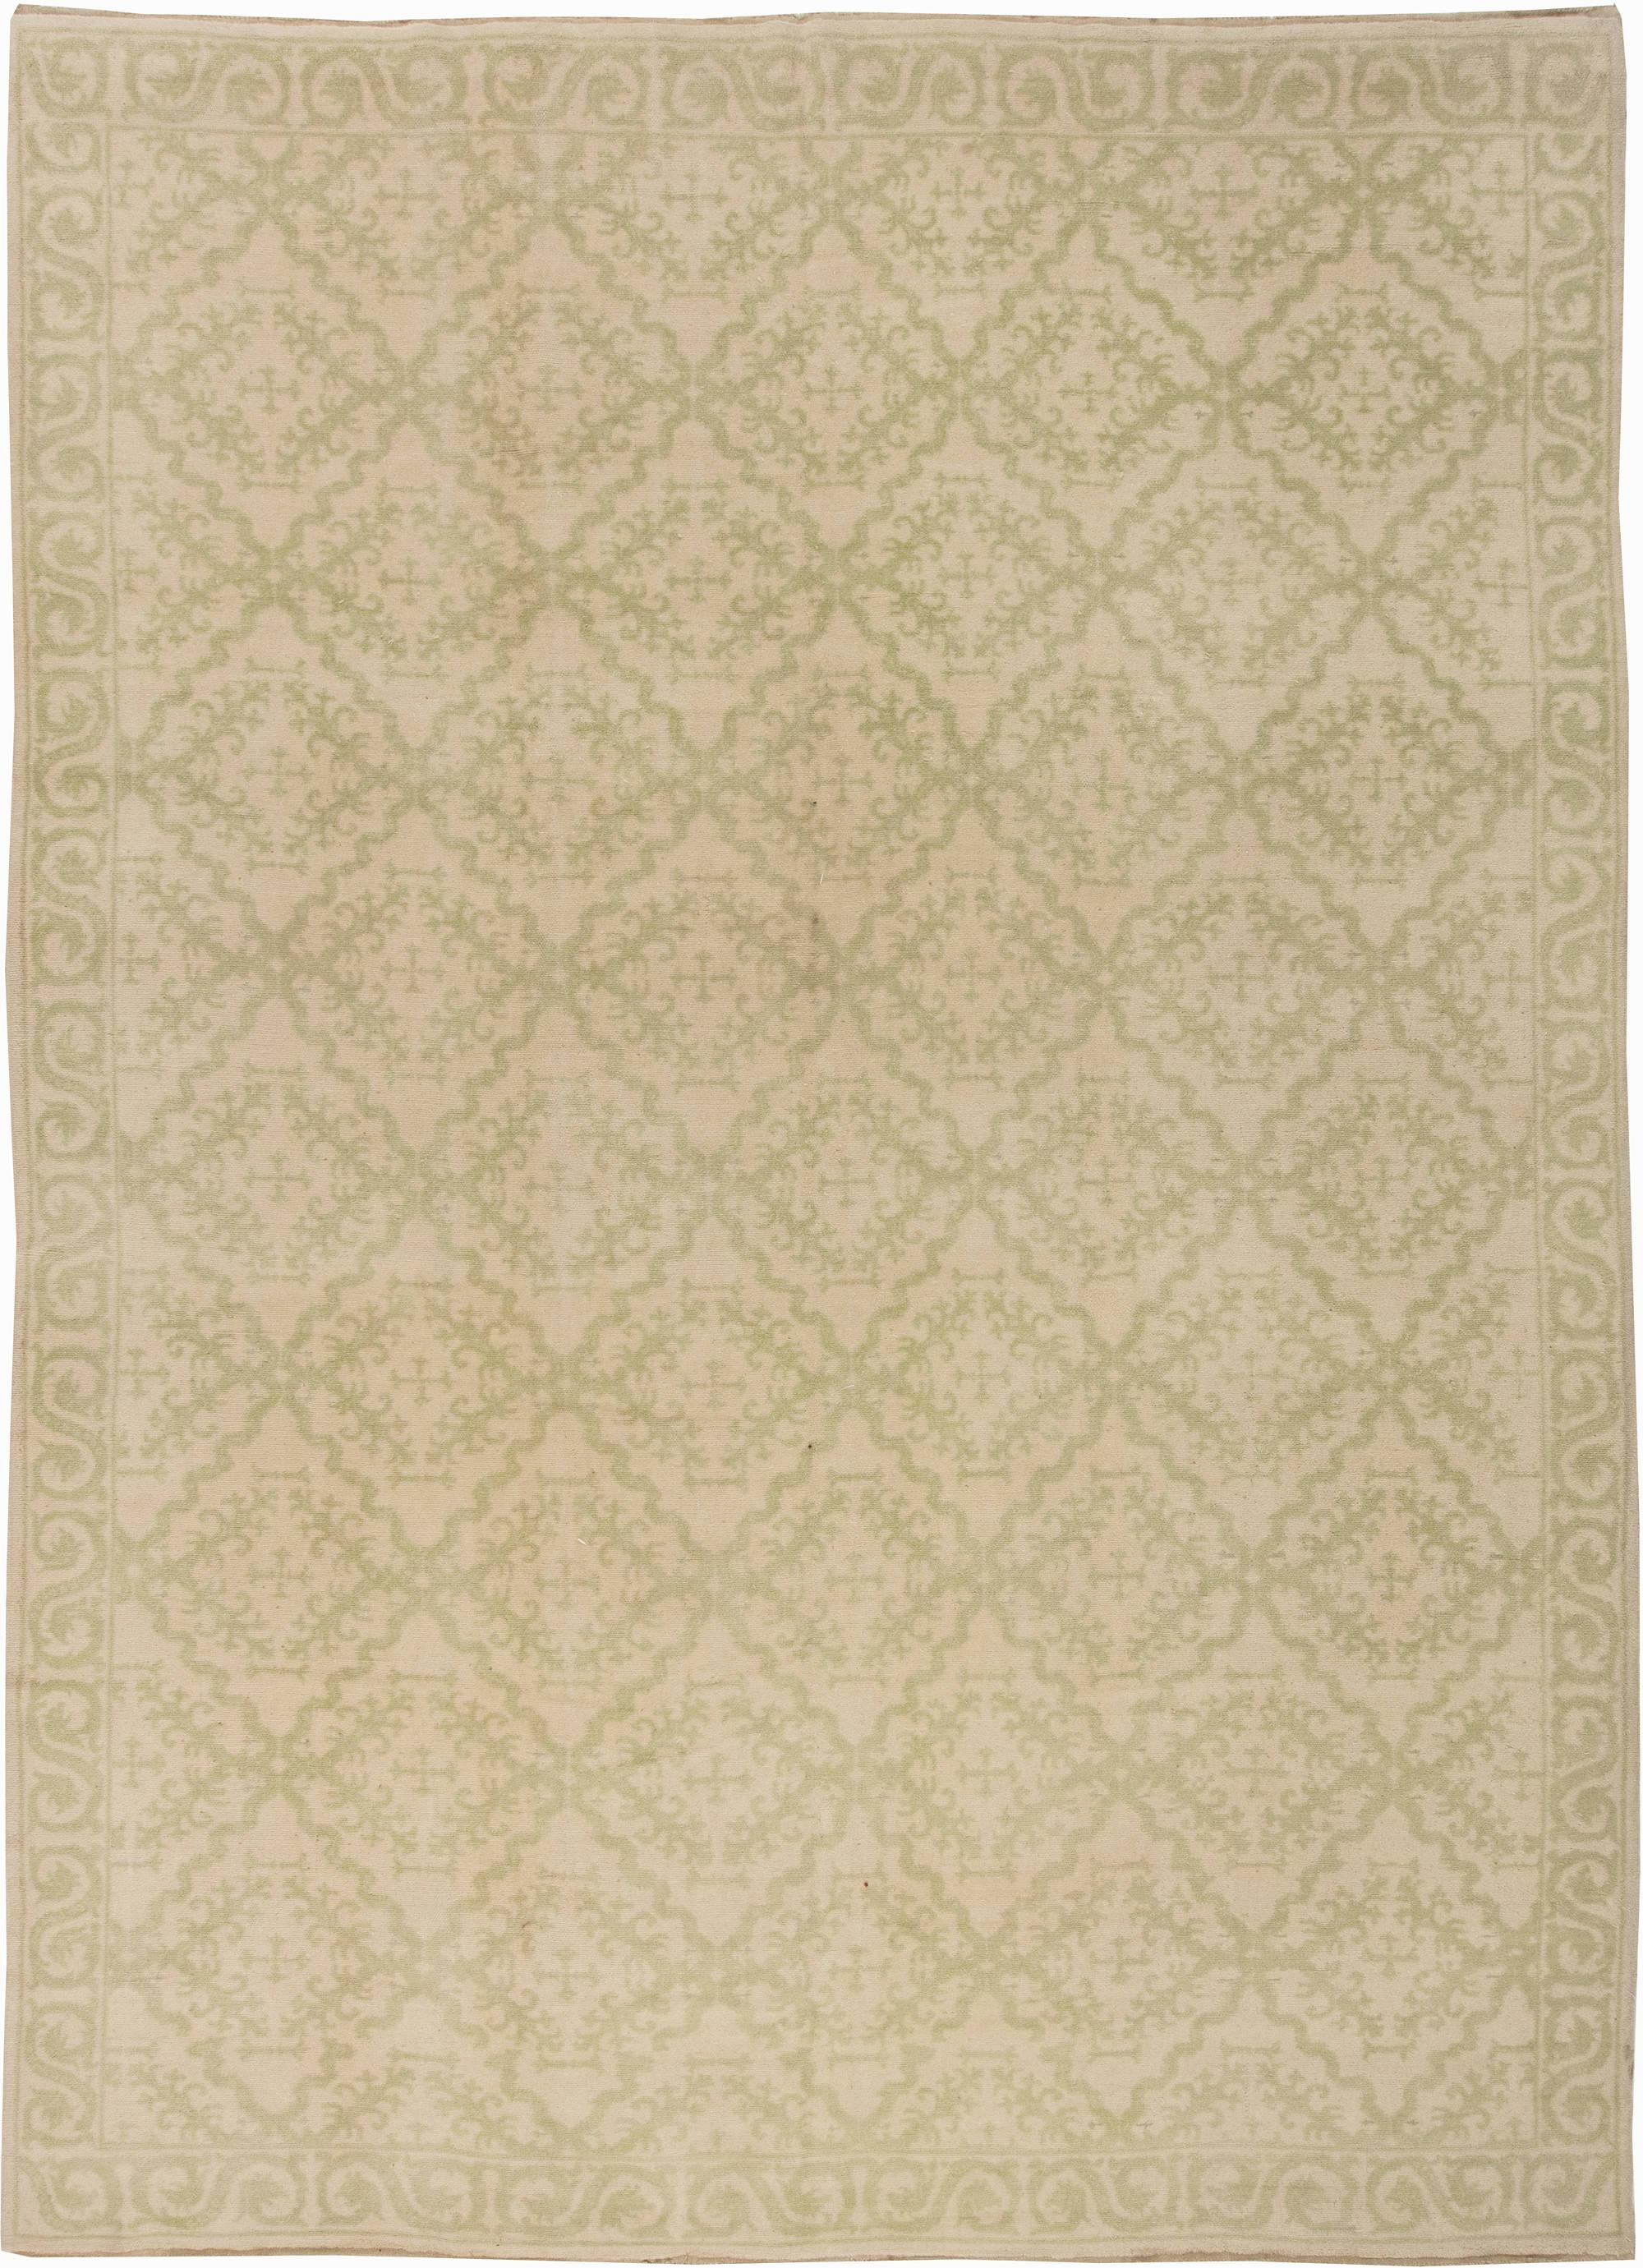 Vintage Spanish Carpet Bb2885 By Doris Leslie Blau